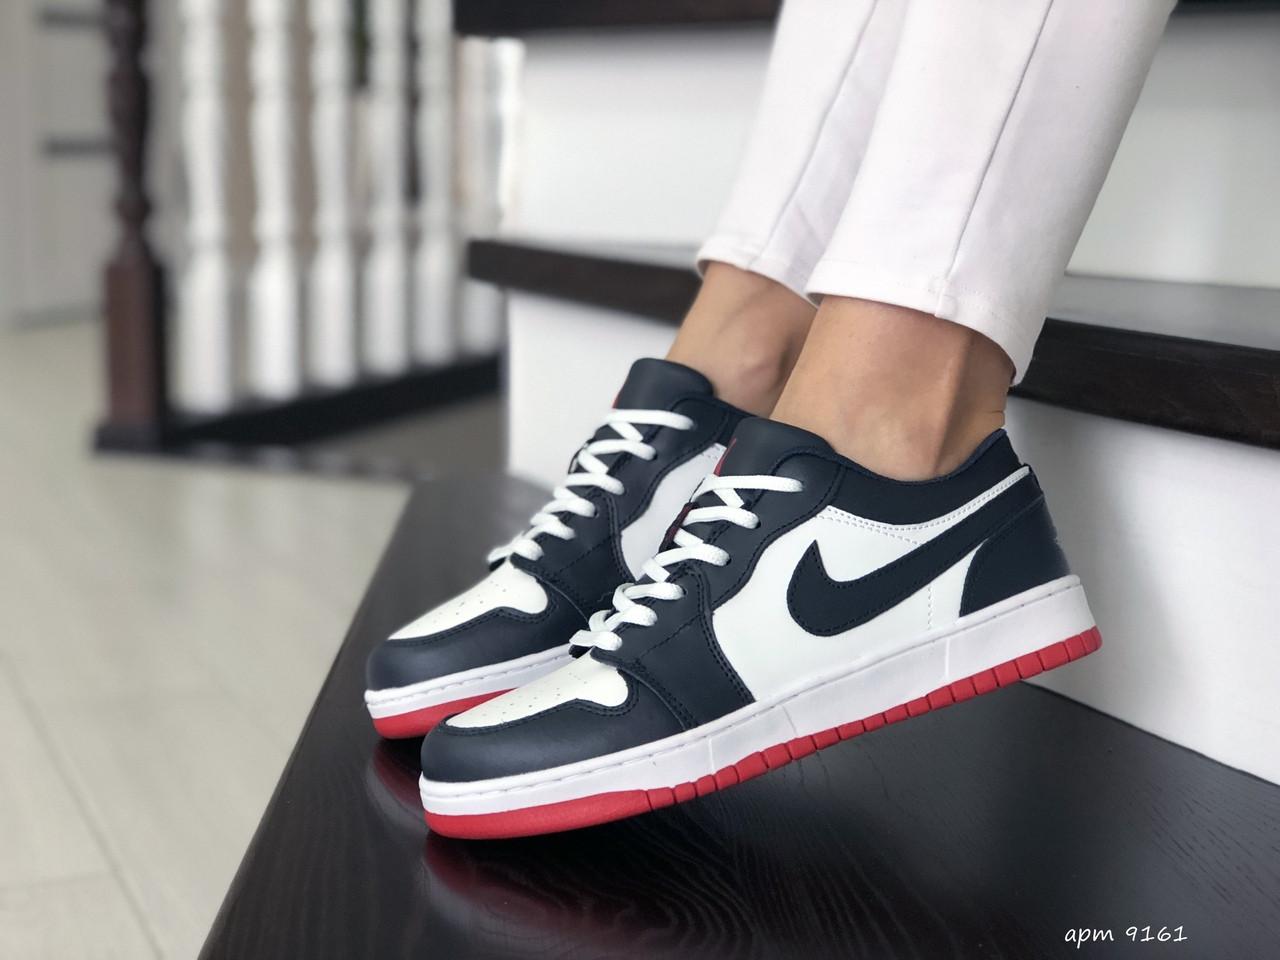 Женские кожаные кроссовки Nike Air Jordan 1 Low (темно-синий с белым) 9161